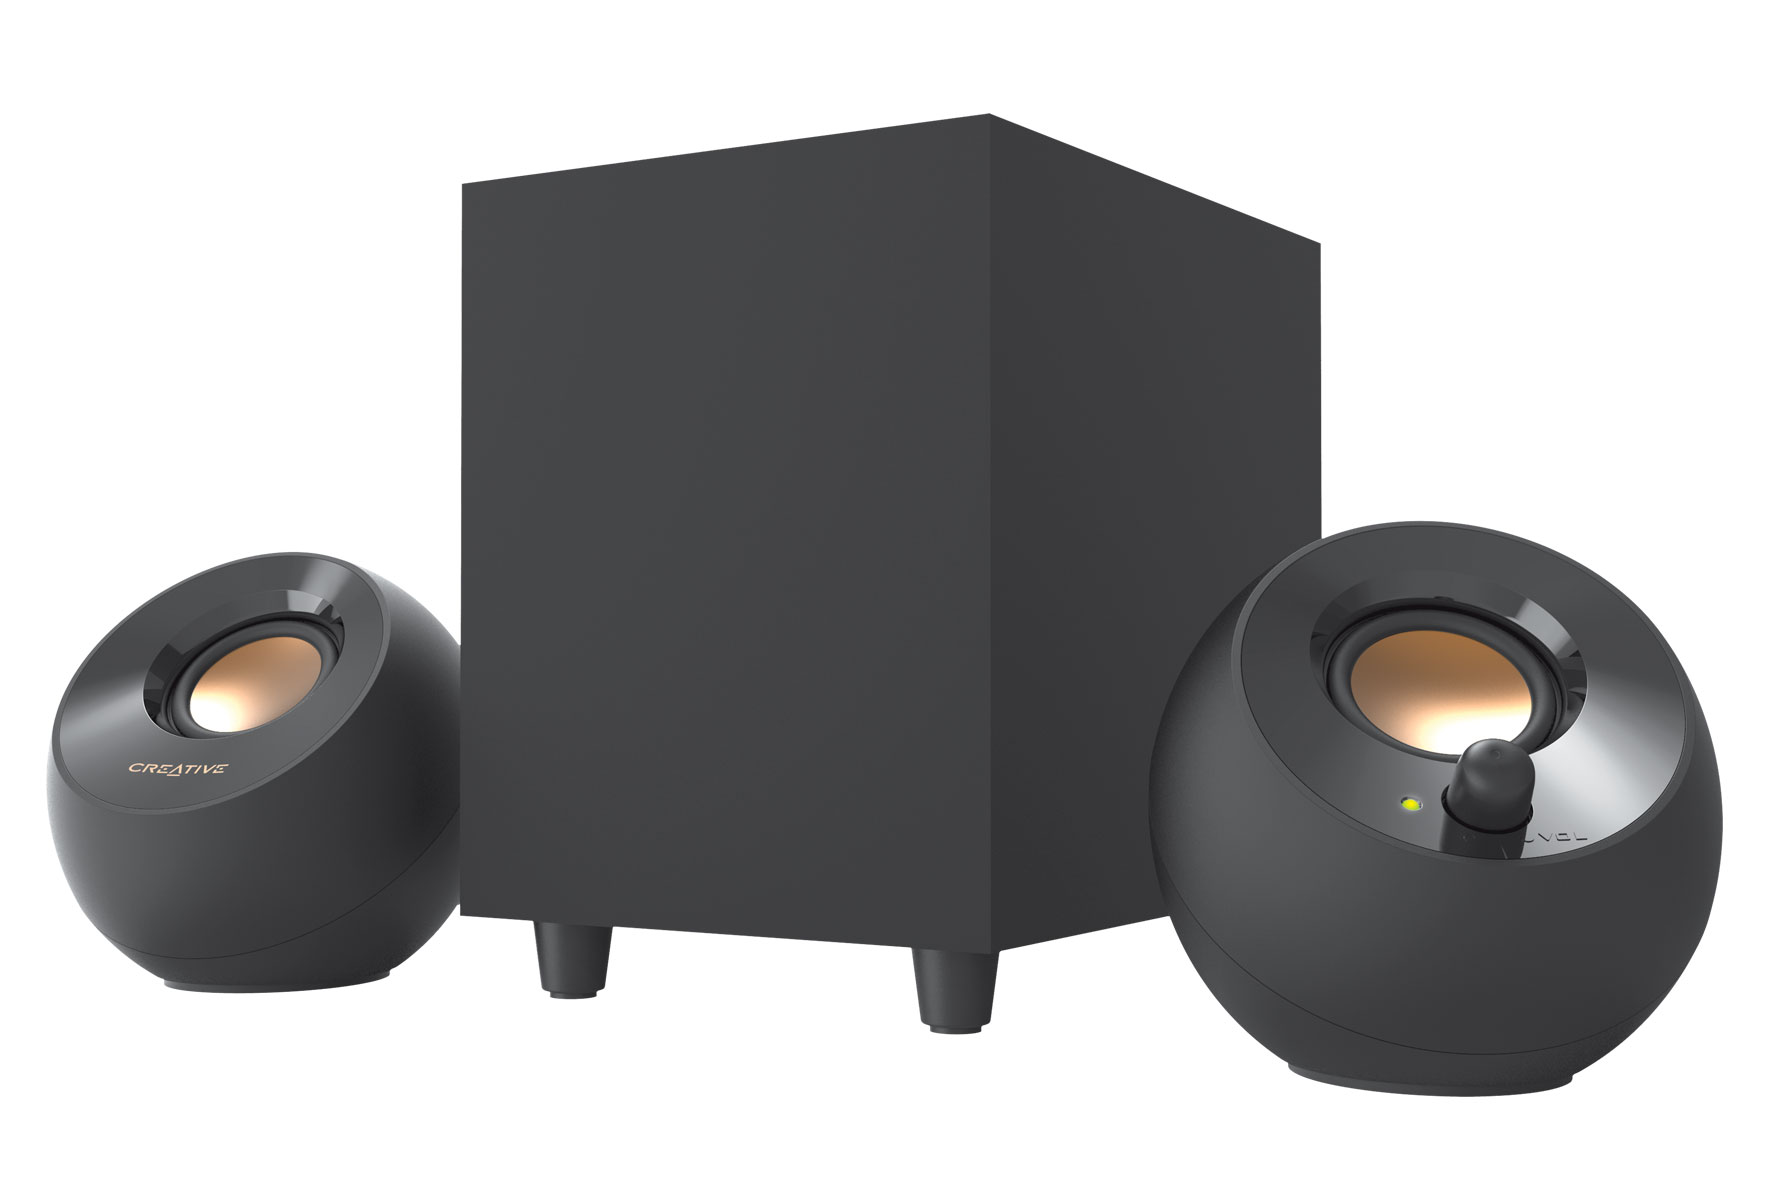 Creative анонсировала новую акустику Pebble Plus ссабвуфером